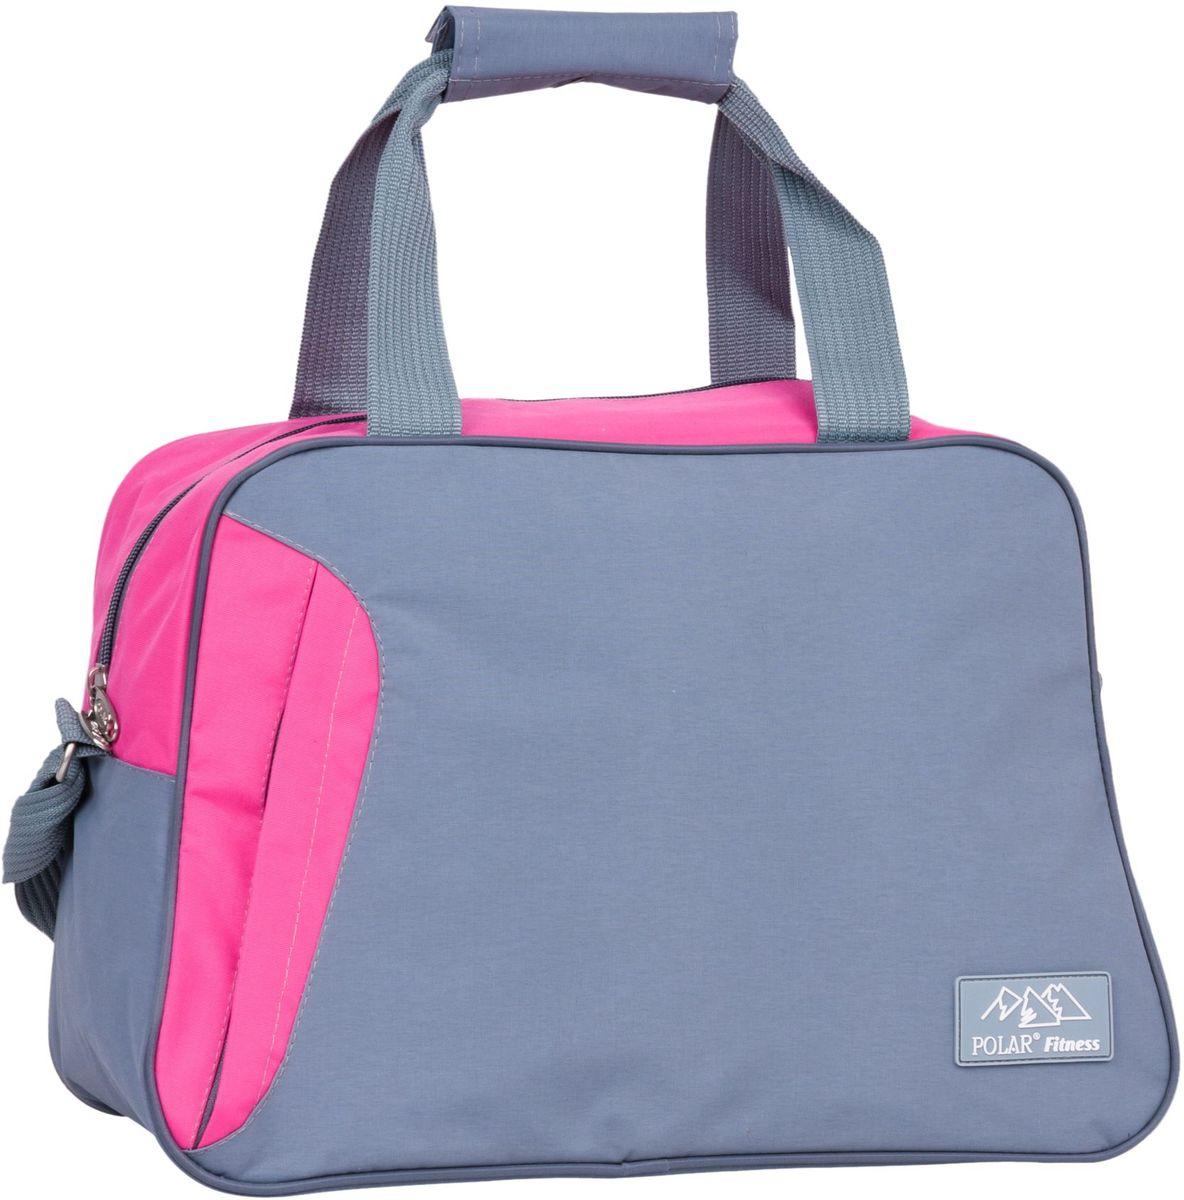 Сумка спортивная Polar, цвет: серый, розовый, 30 л. П7071 сумка спортивная easy camp denver denim 30 л